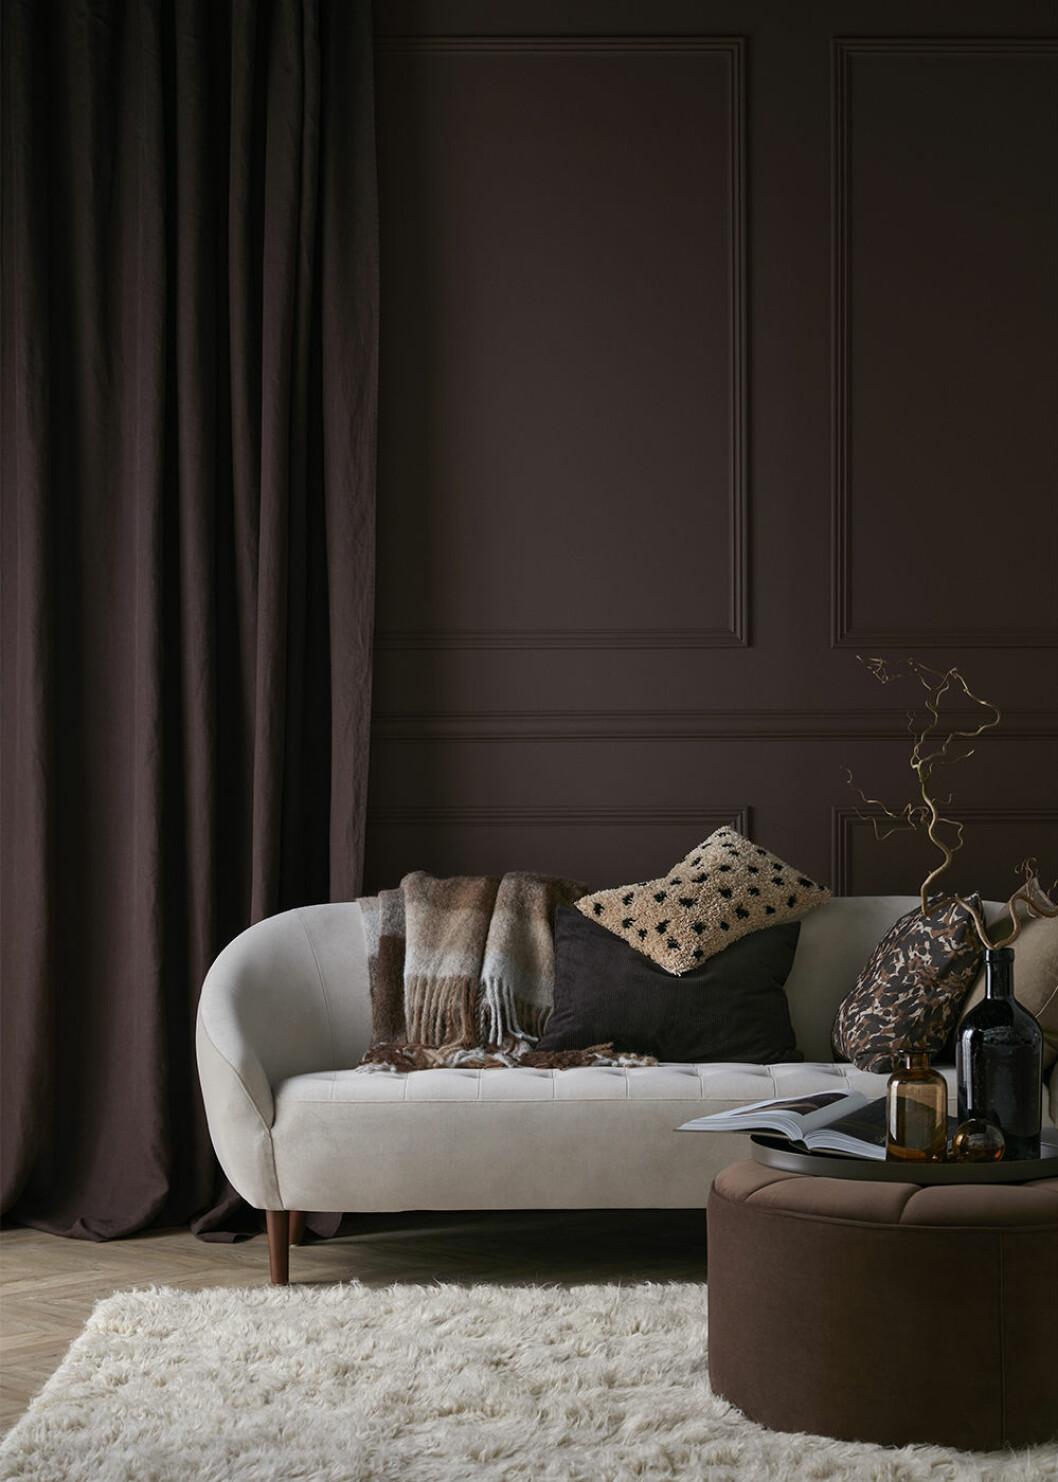 Soffa och textilier från Ellos Home höst 2020